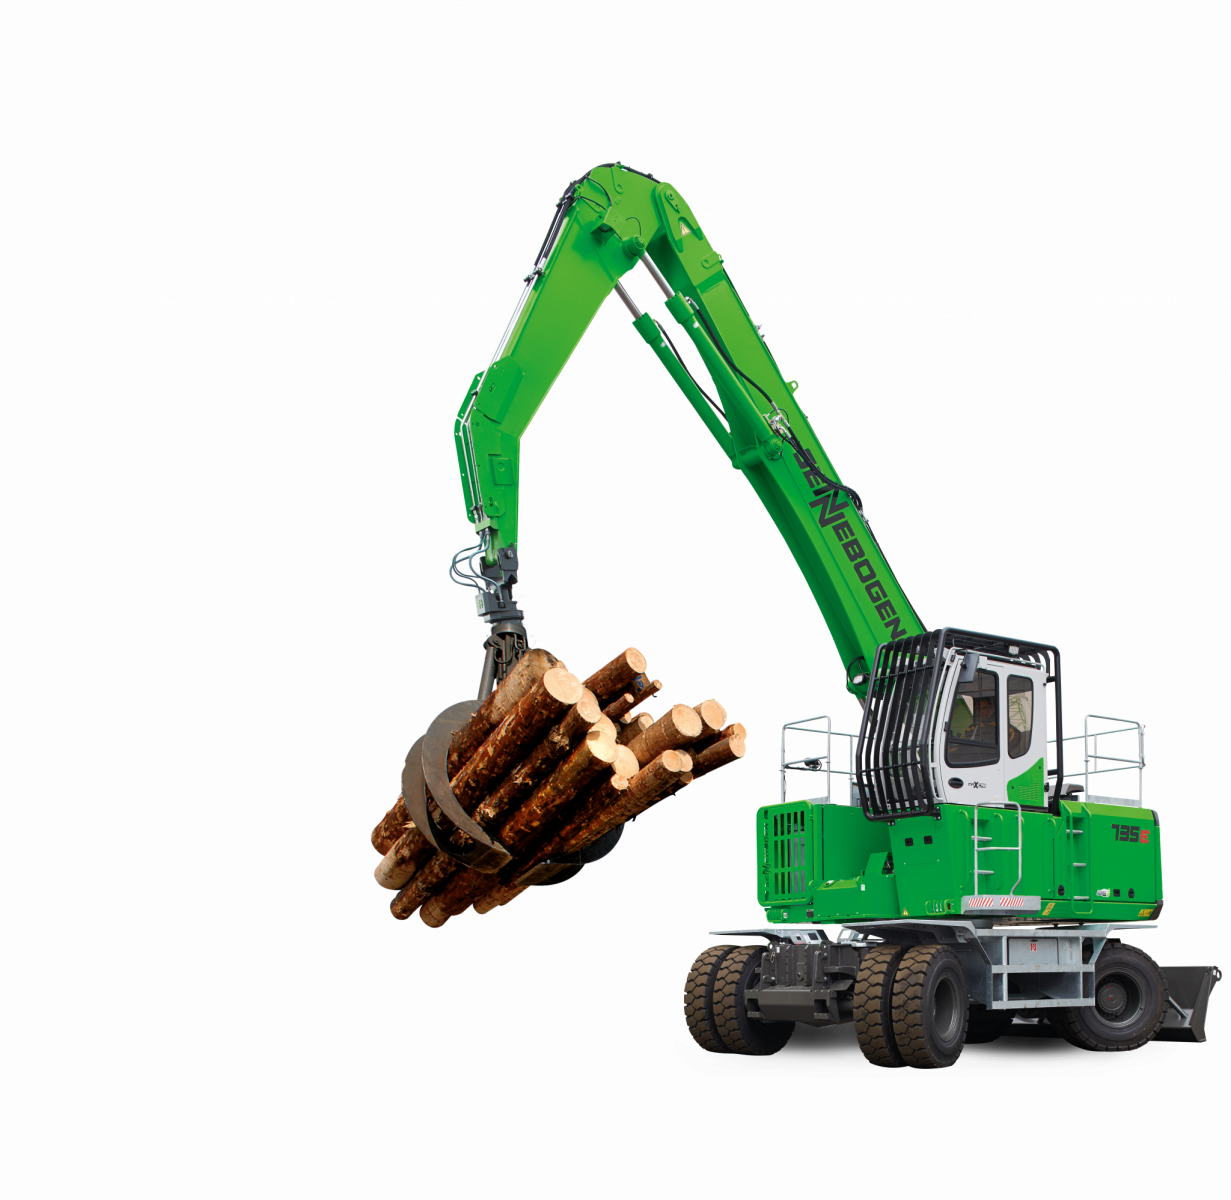 SENNEBOGEN 735 design - SMT